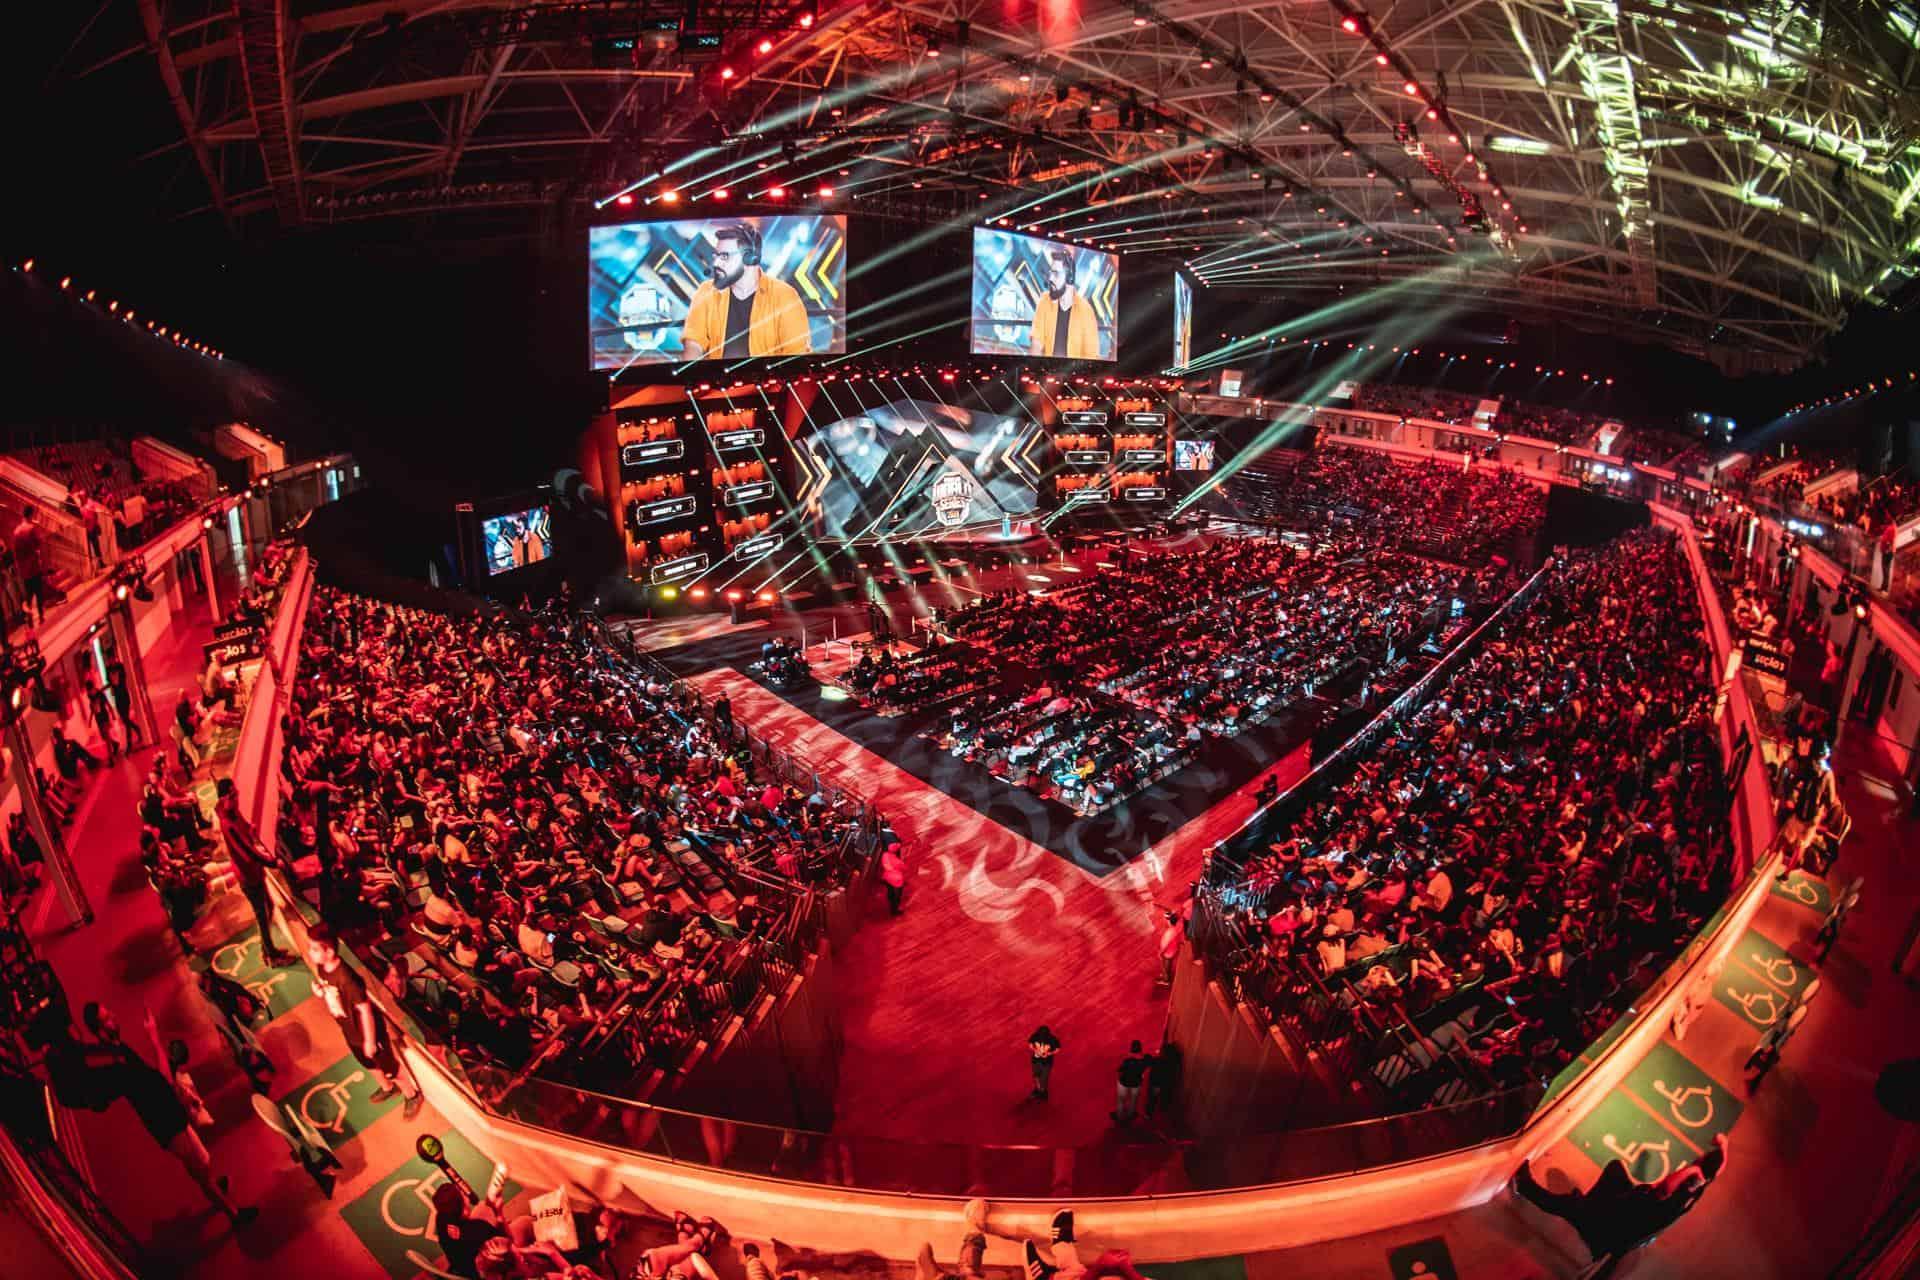 Free-Fire-World-Series-campeonato-mundial-final-2019 Jogos para Celular: Surpresas e Decepções de 2019